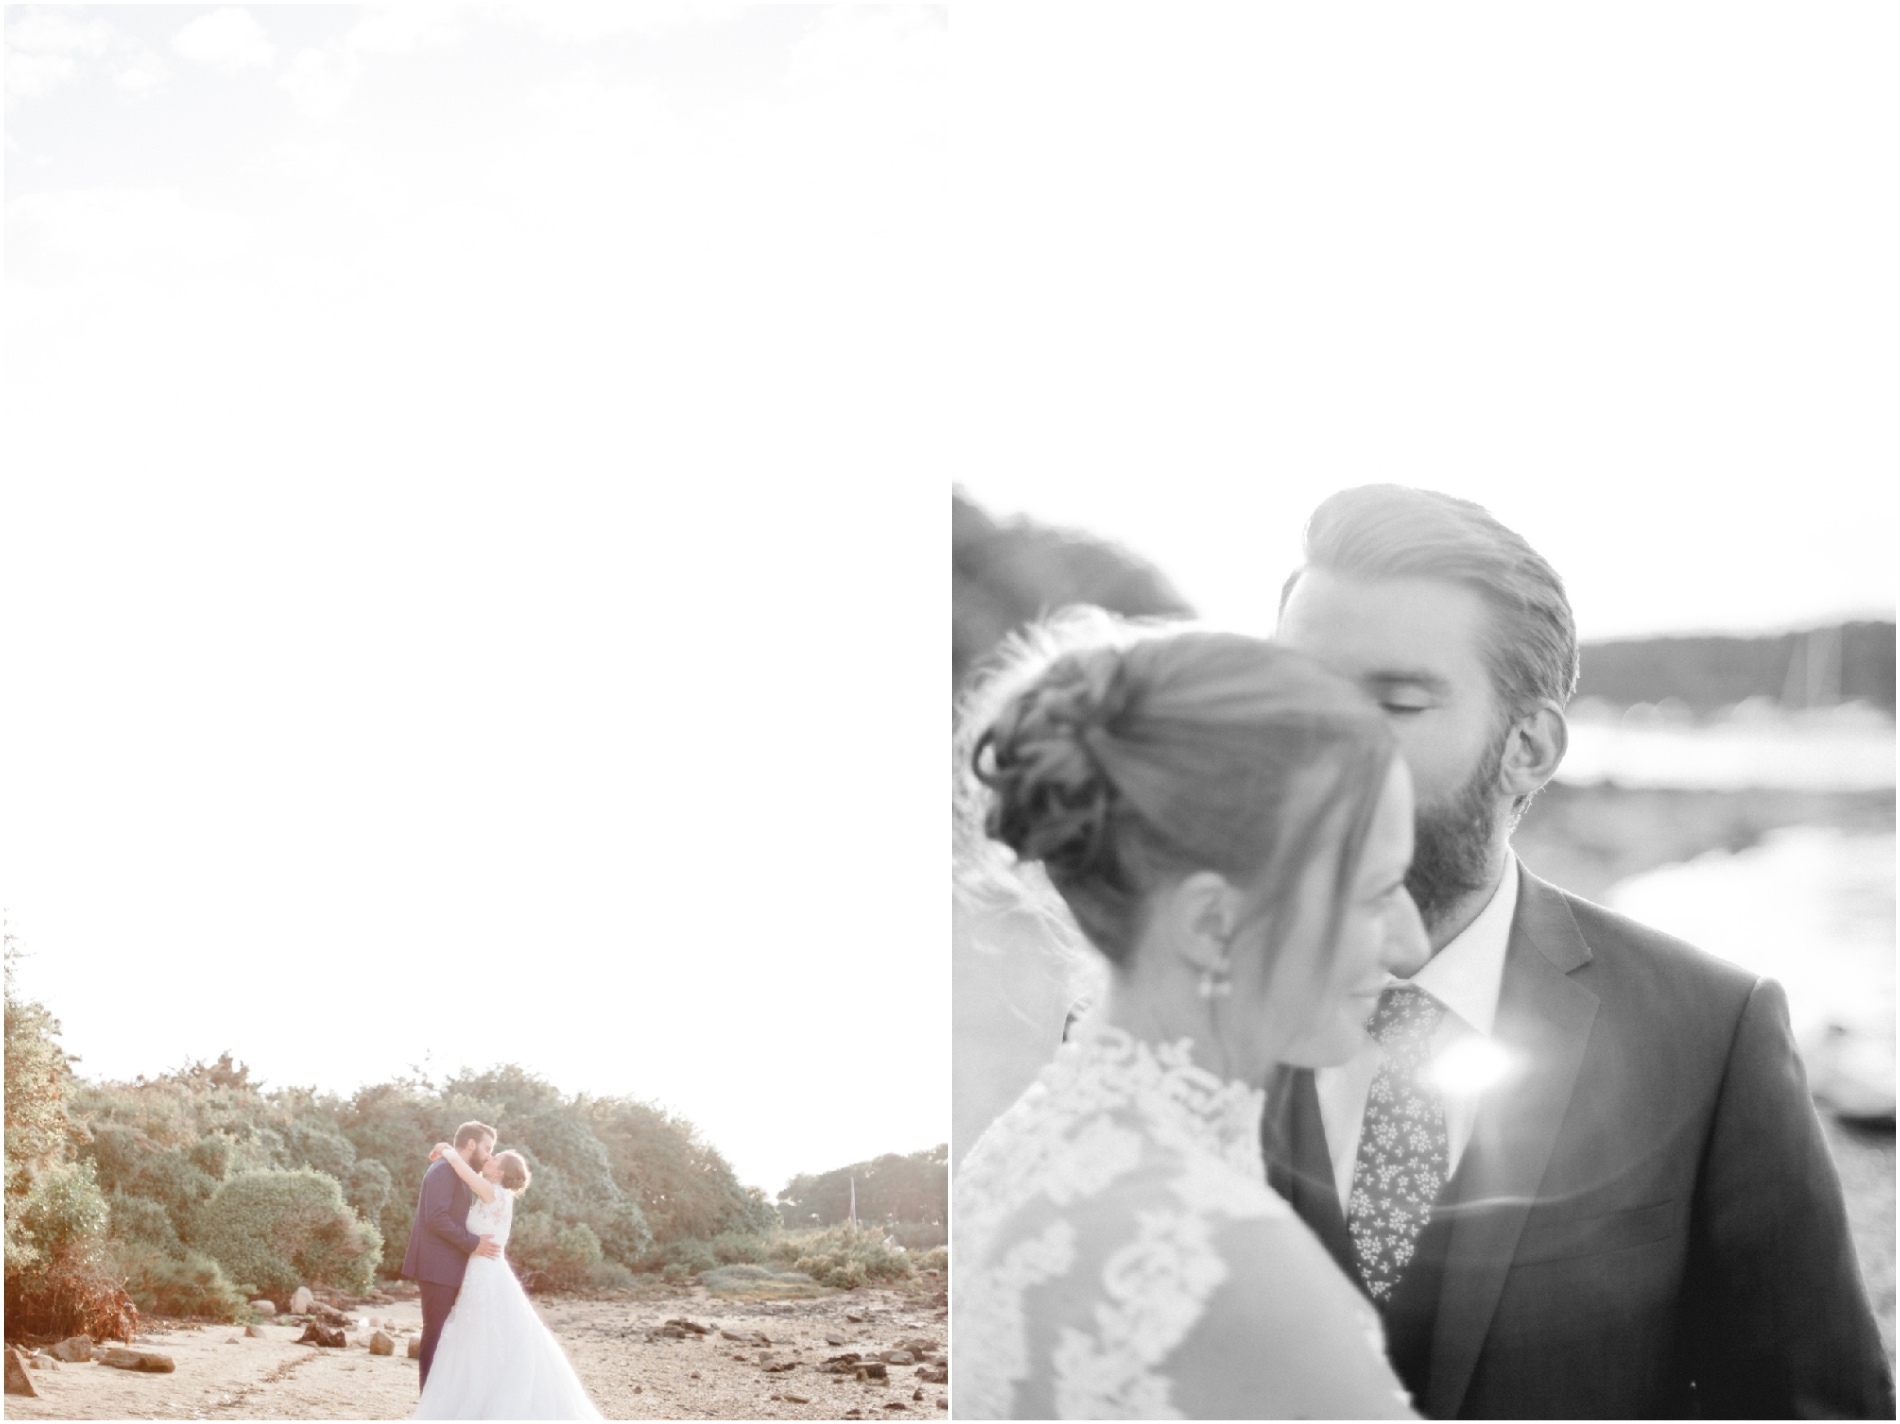 photographe-mariage-bretagne-mt-dyptique16